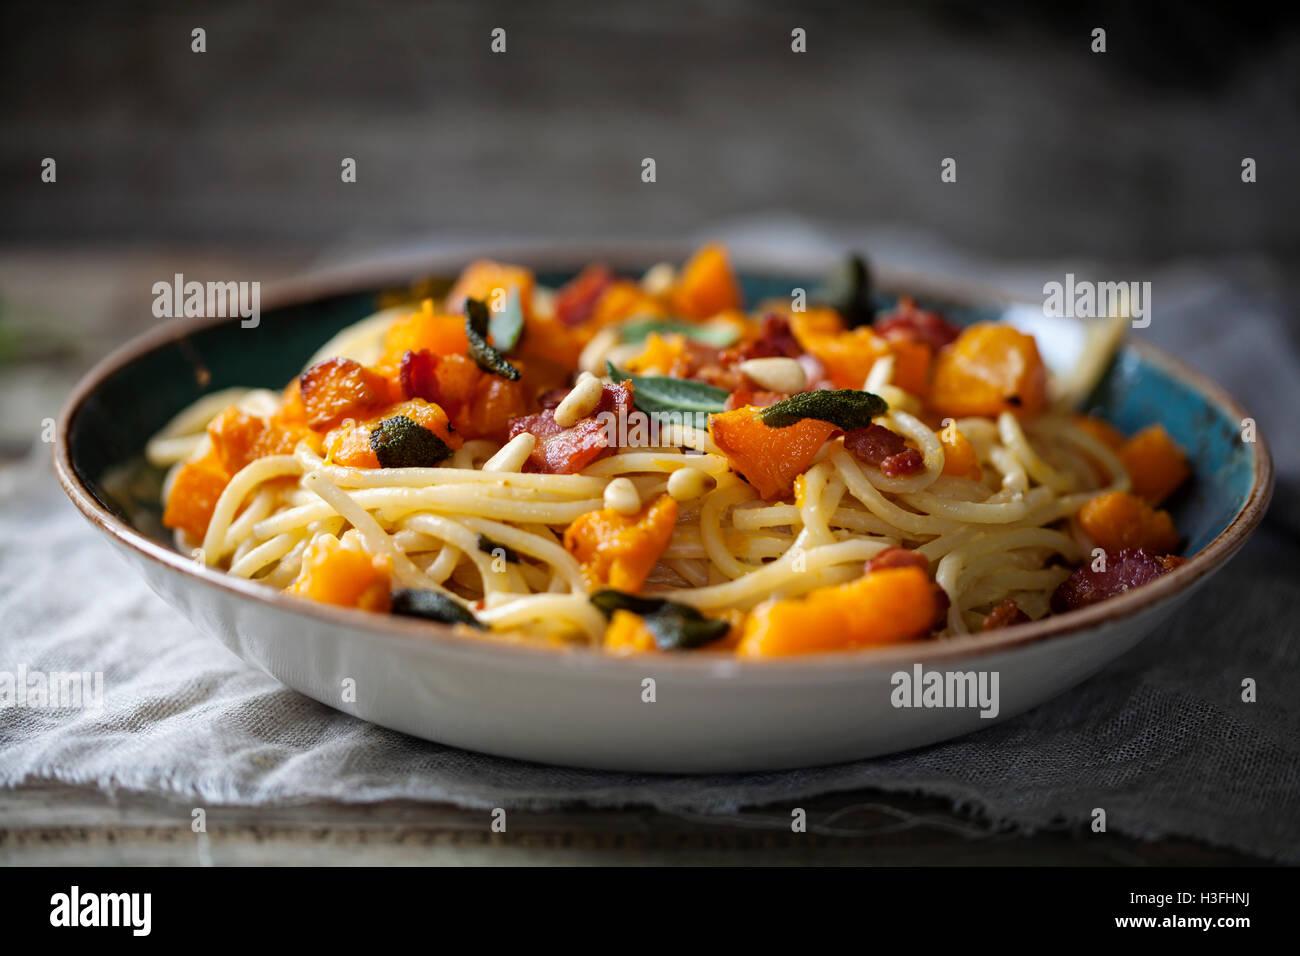 Spaghetti mit gebratenem Butternut-Kürbis und Salbei Stockfoto